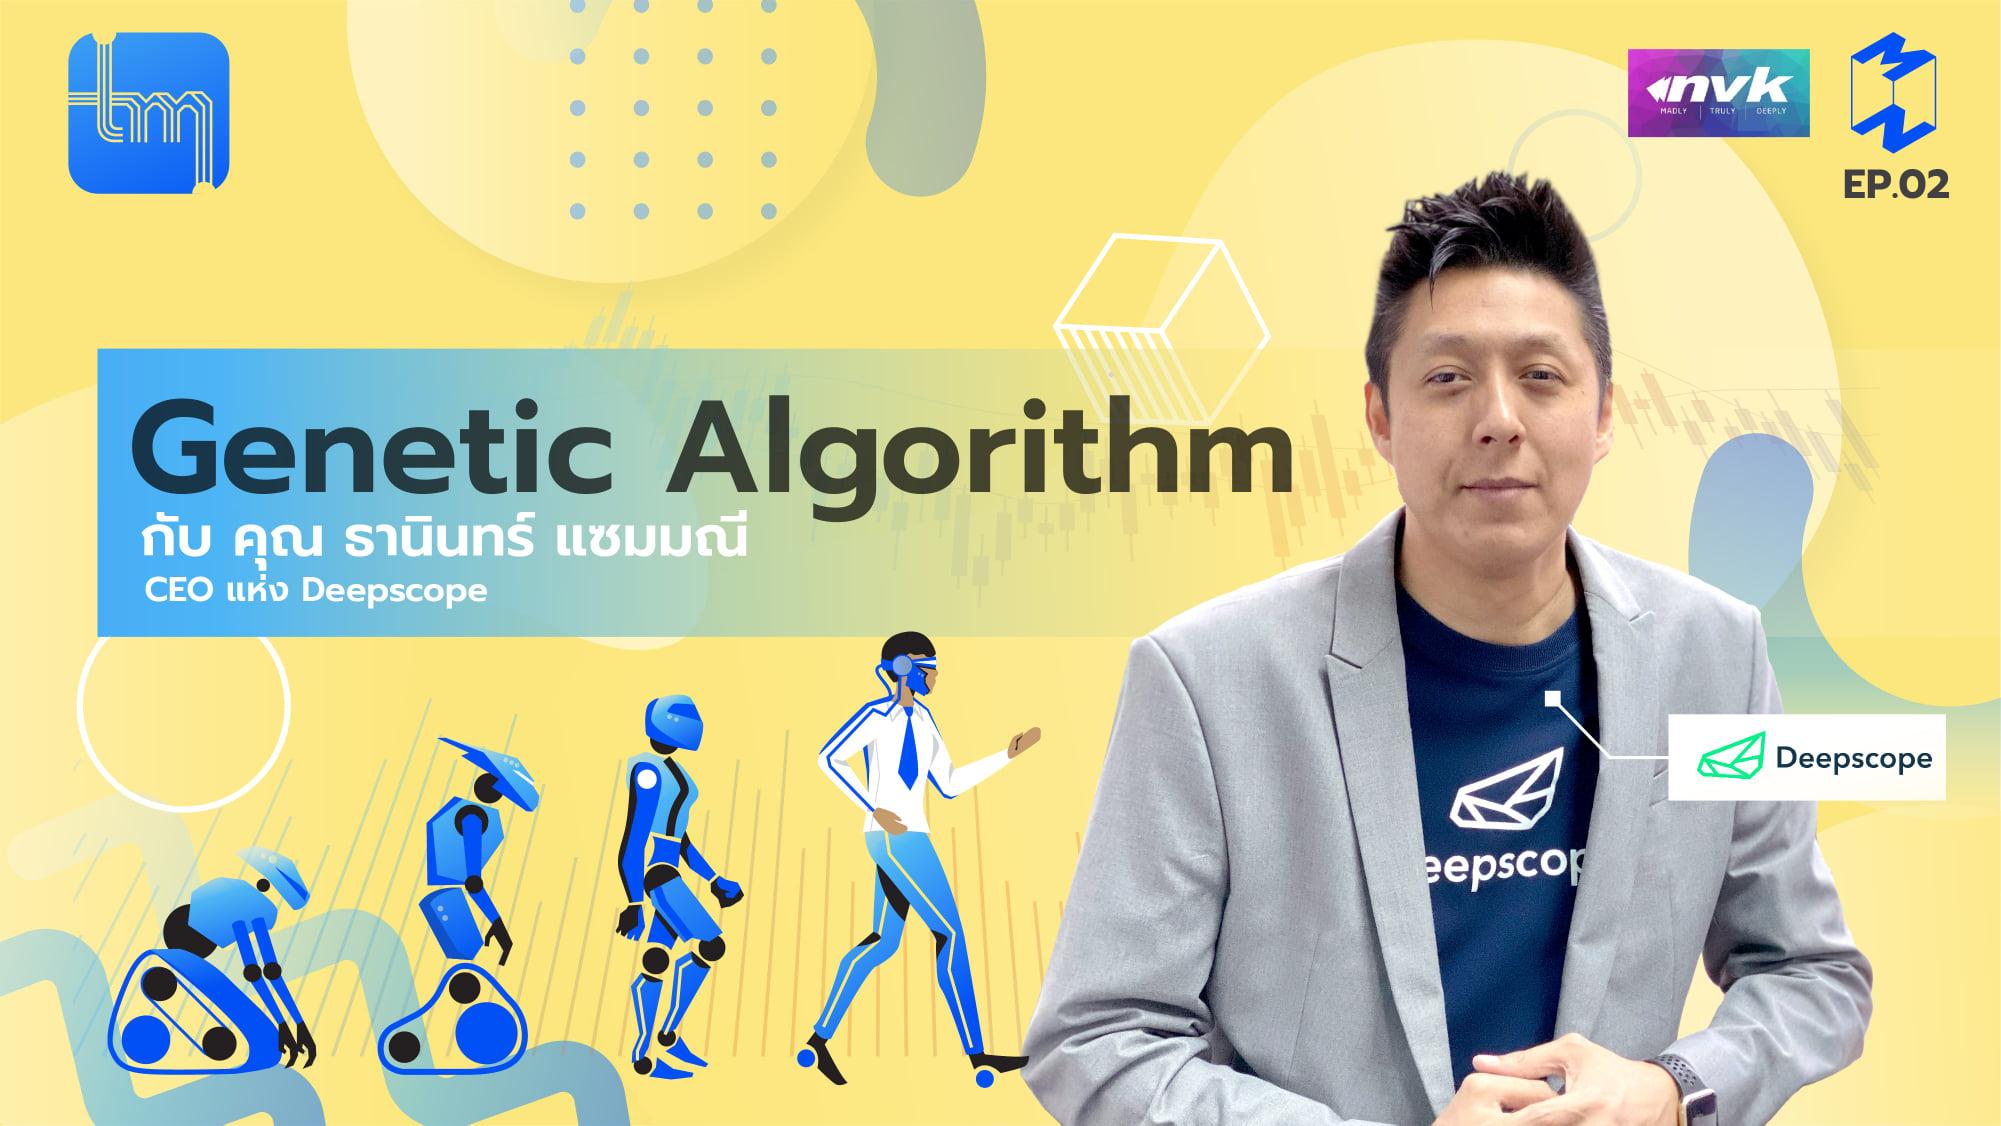 รู้จัก Genetic Algorithm เพื่อการลงทุน บนแพล็ตฟอร์ม Deepscope โดย คุณธานินทร์ แซมมณี ใน Tech Monday